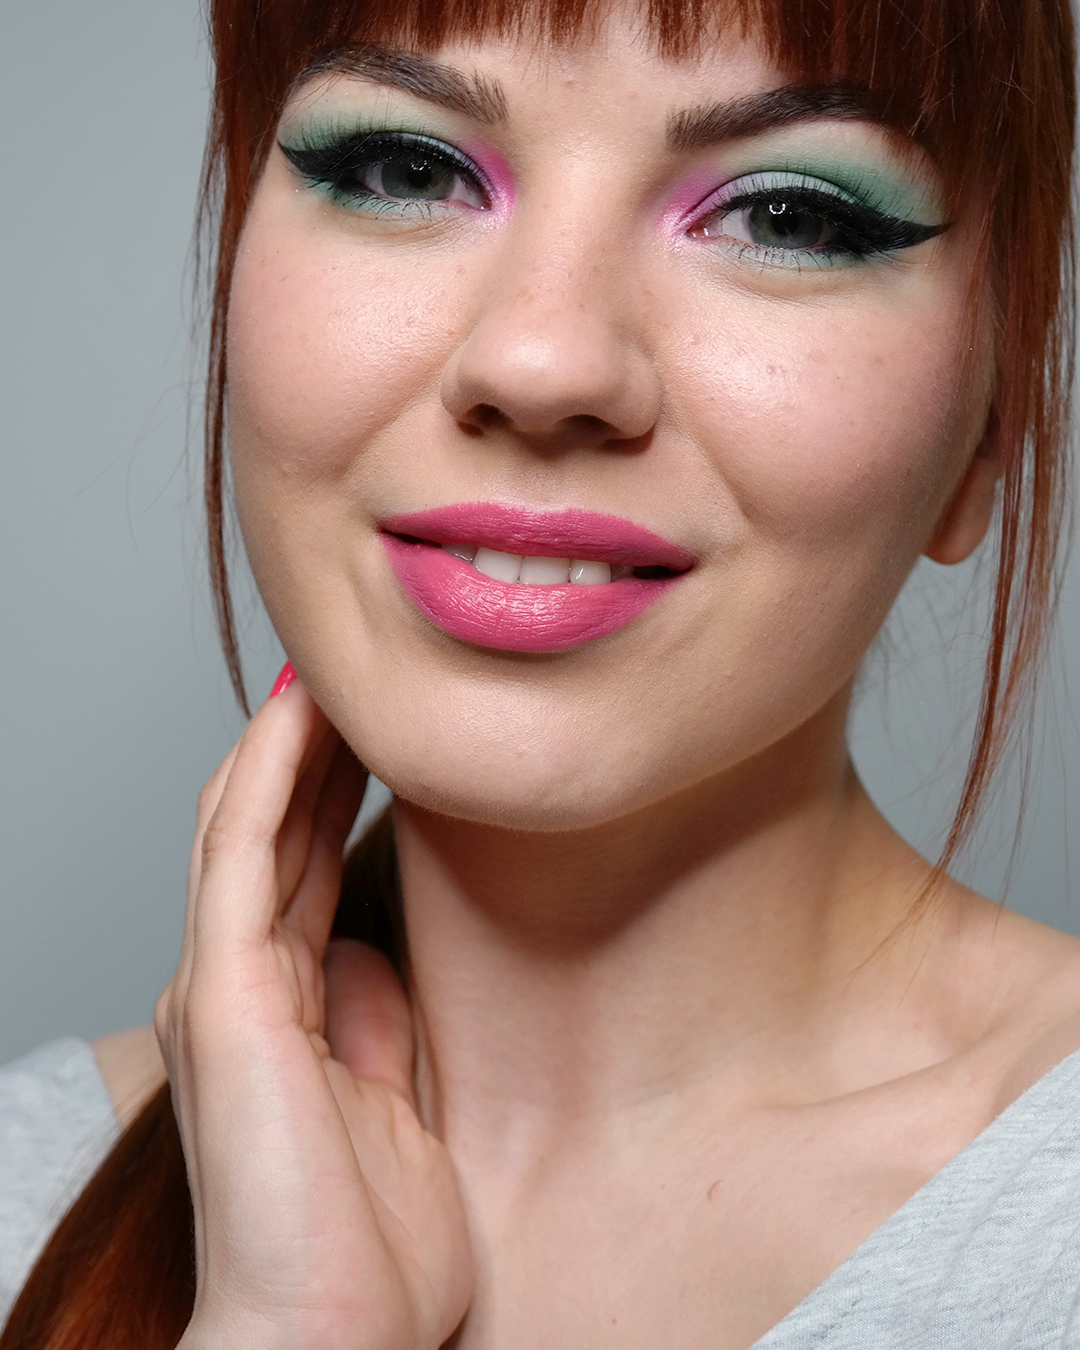 sinipinkki meikki